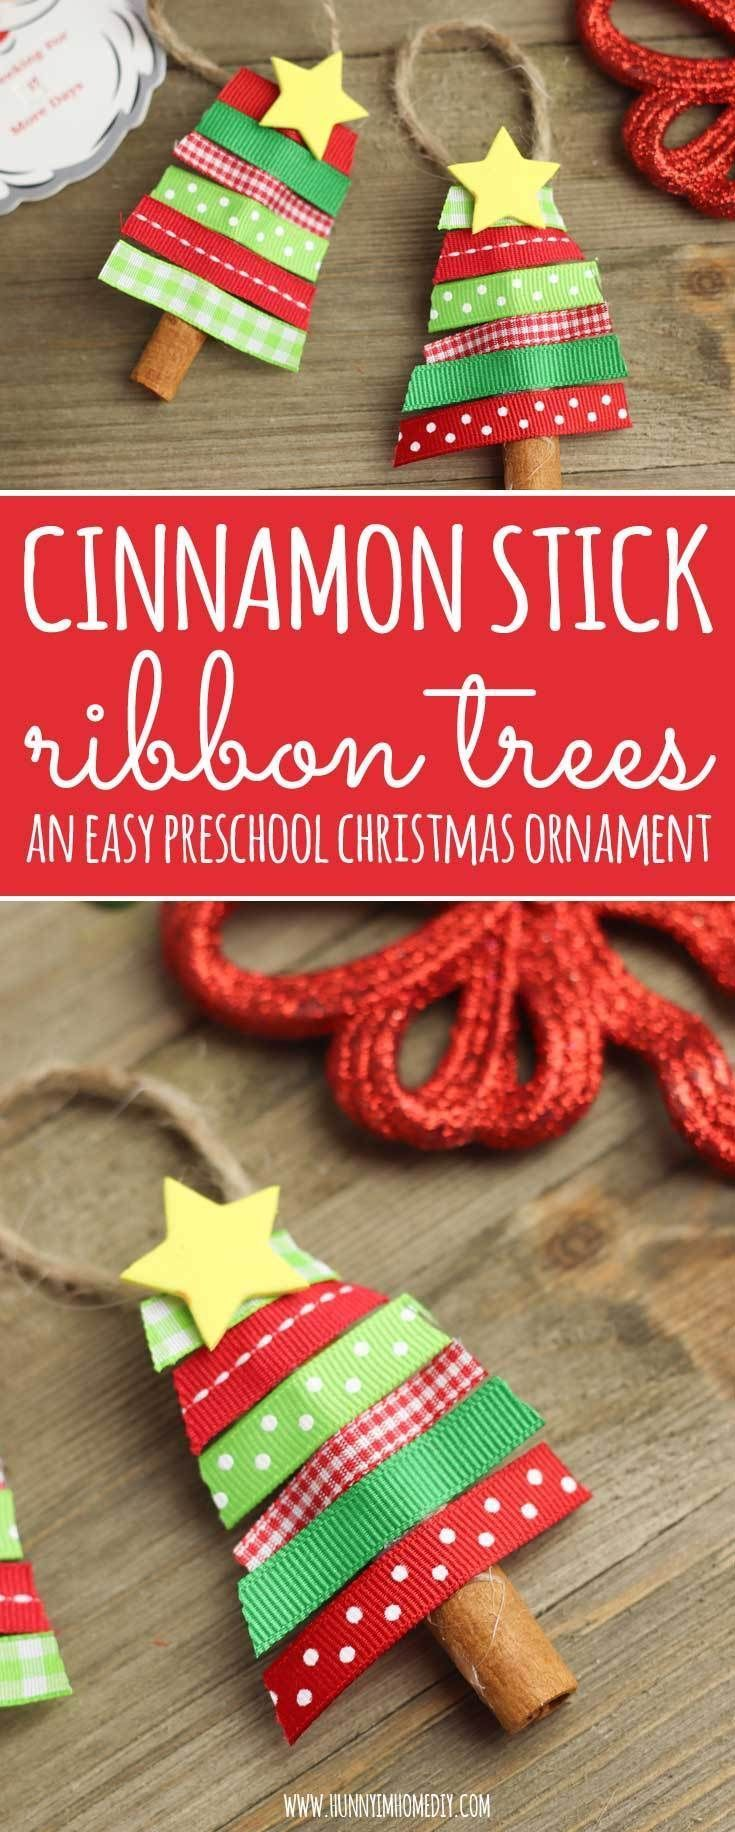 Zimtstange Band Baume Einfache Vorschulweihnachtsverzierungen Baume Einfache Preschool Christmas Ornaments Preschool Christmas Crafts Preschool Christmas